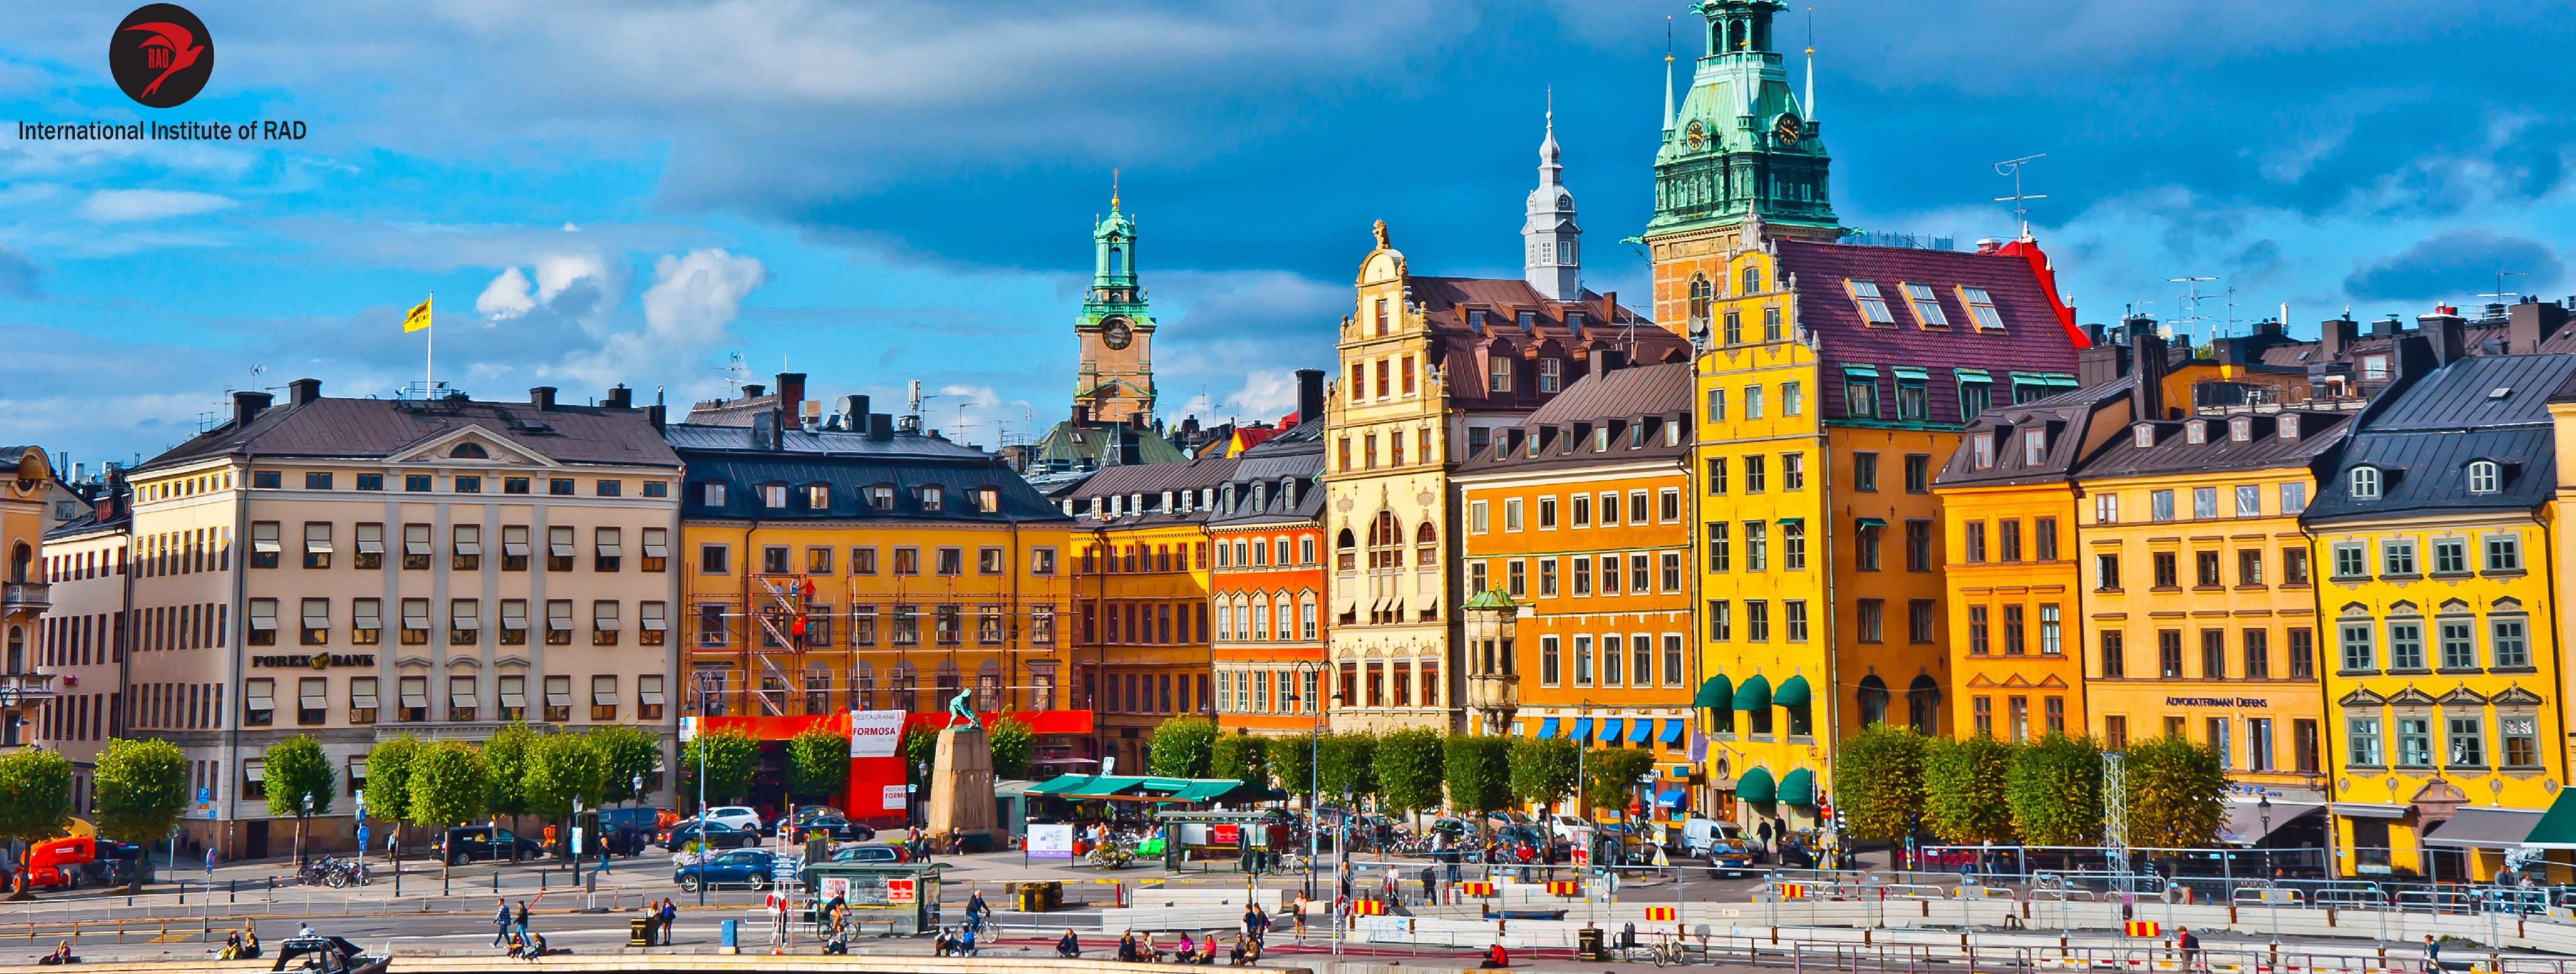 کار دندانپزشکان در سوئد